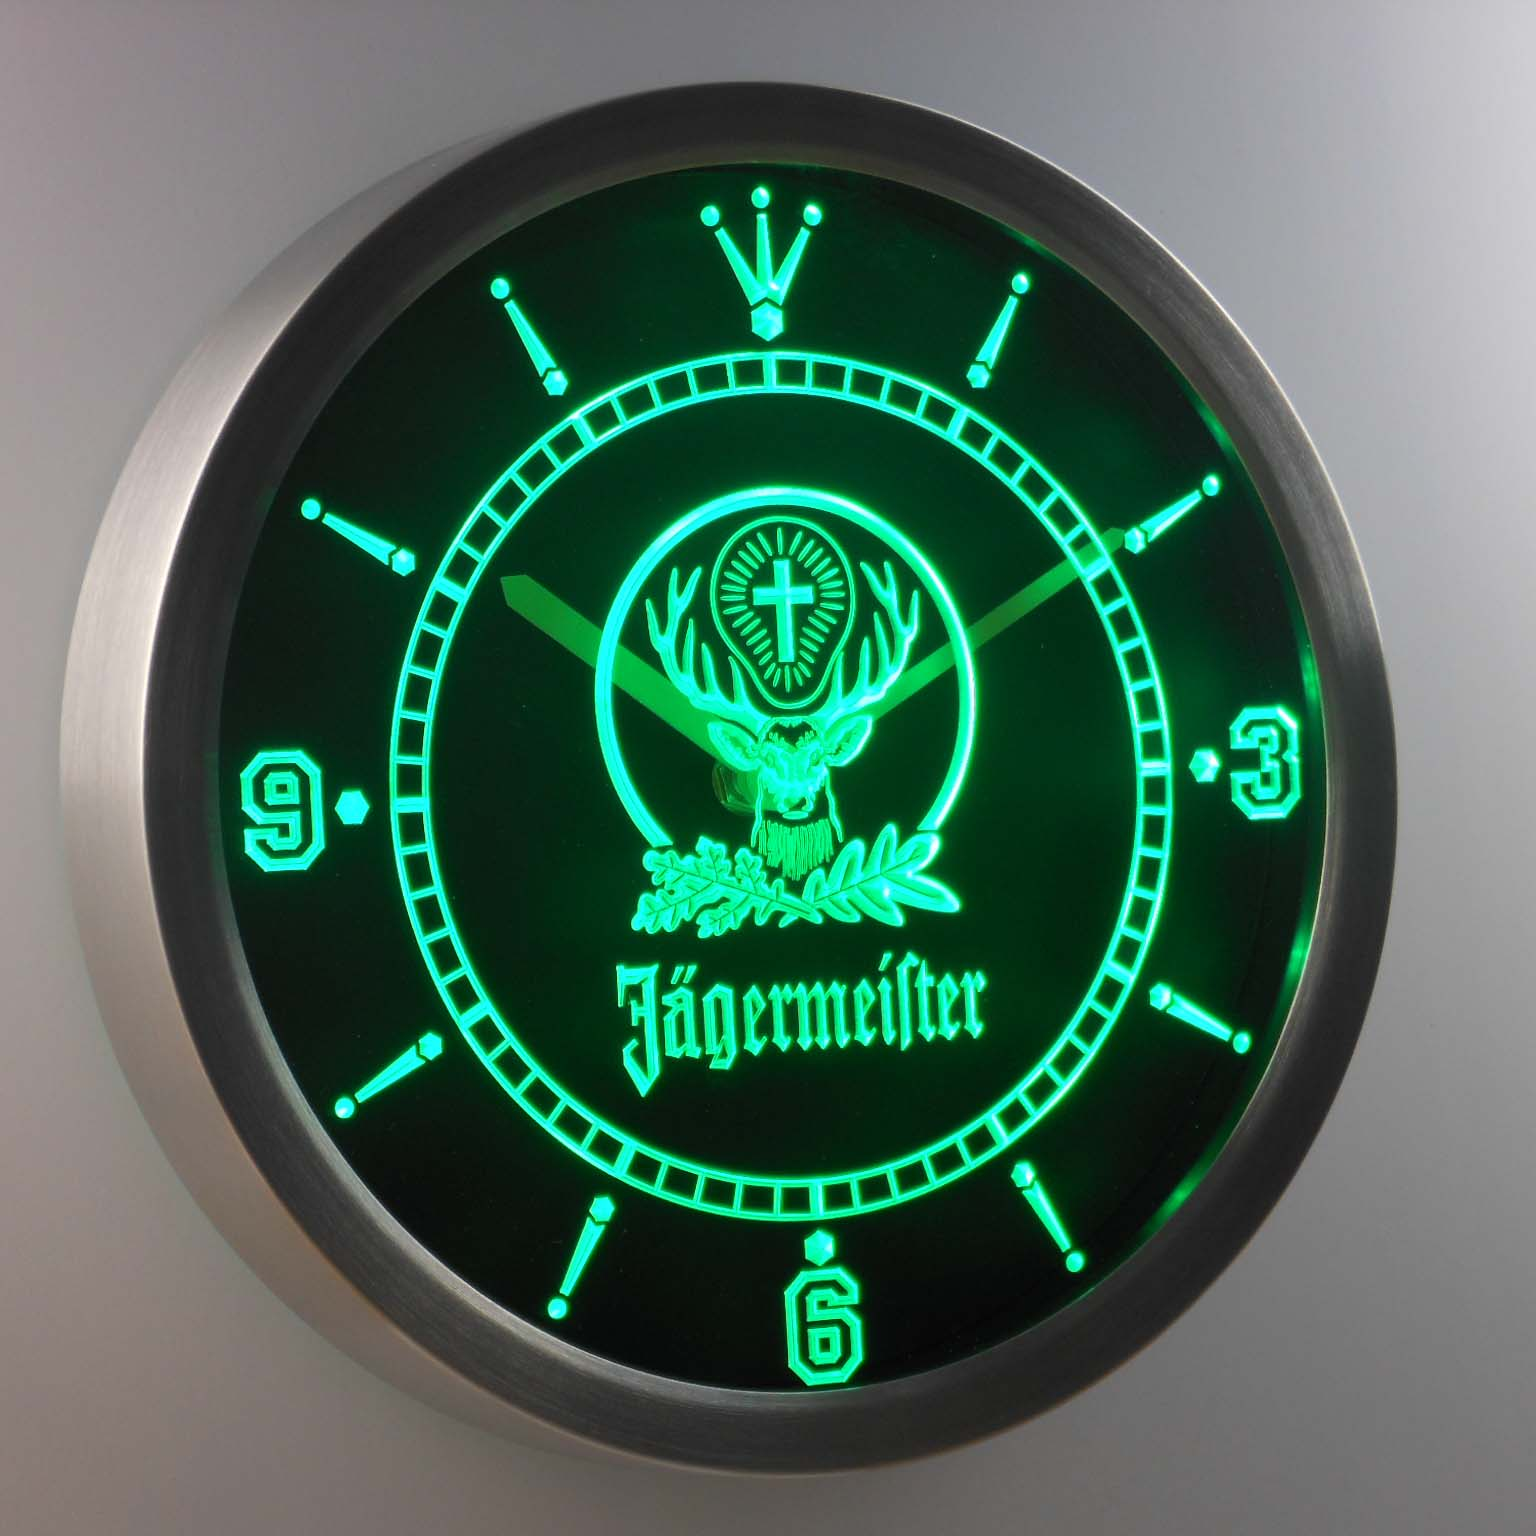 Nc0572 jägermeister Пиво неоновая вывеска светодиодный настенные часы